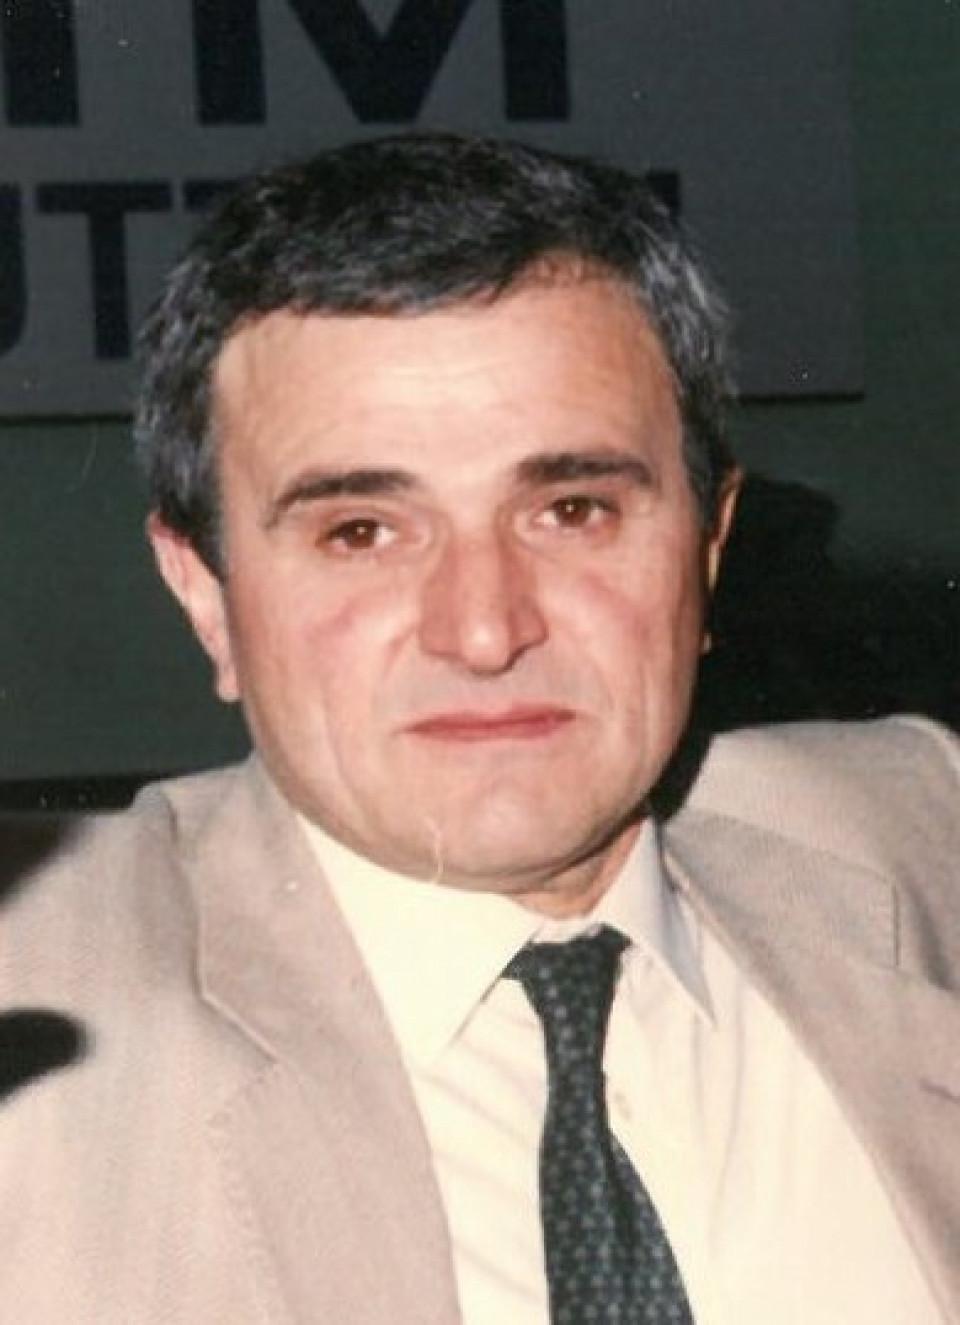 Duilio Migliori, Presidente dell'UP dal 1983 al 1988